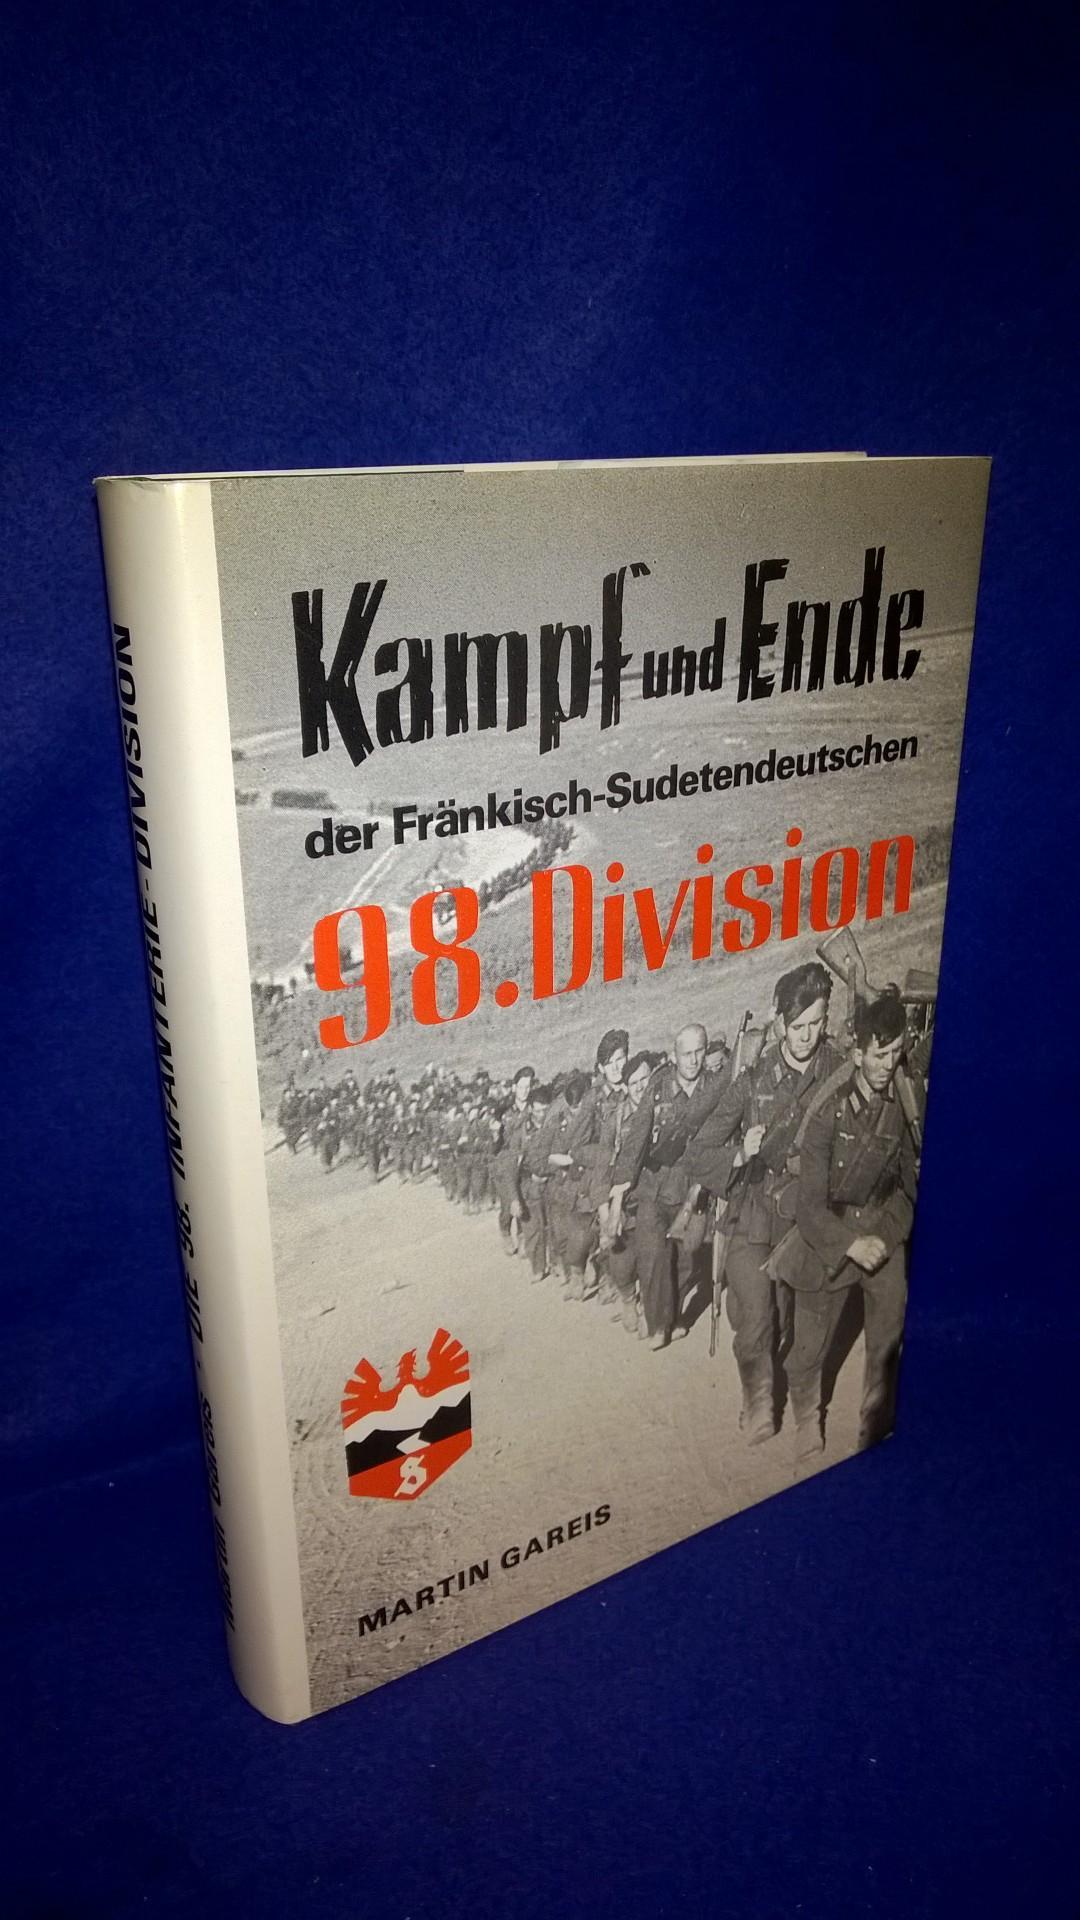 Kampf und Ende der Fränkisch-Sudetendeutschen 98. Infantrie-Division.